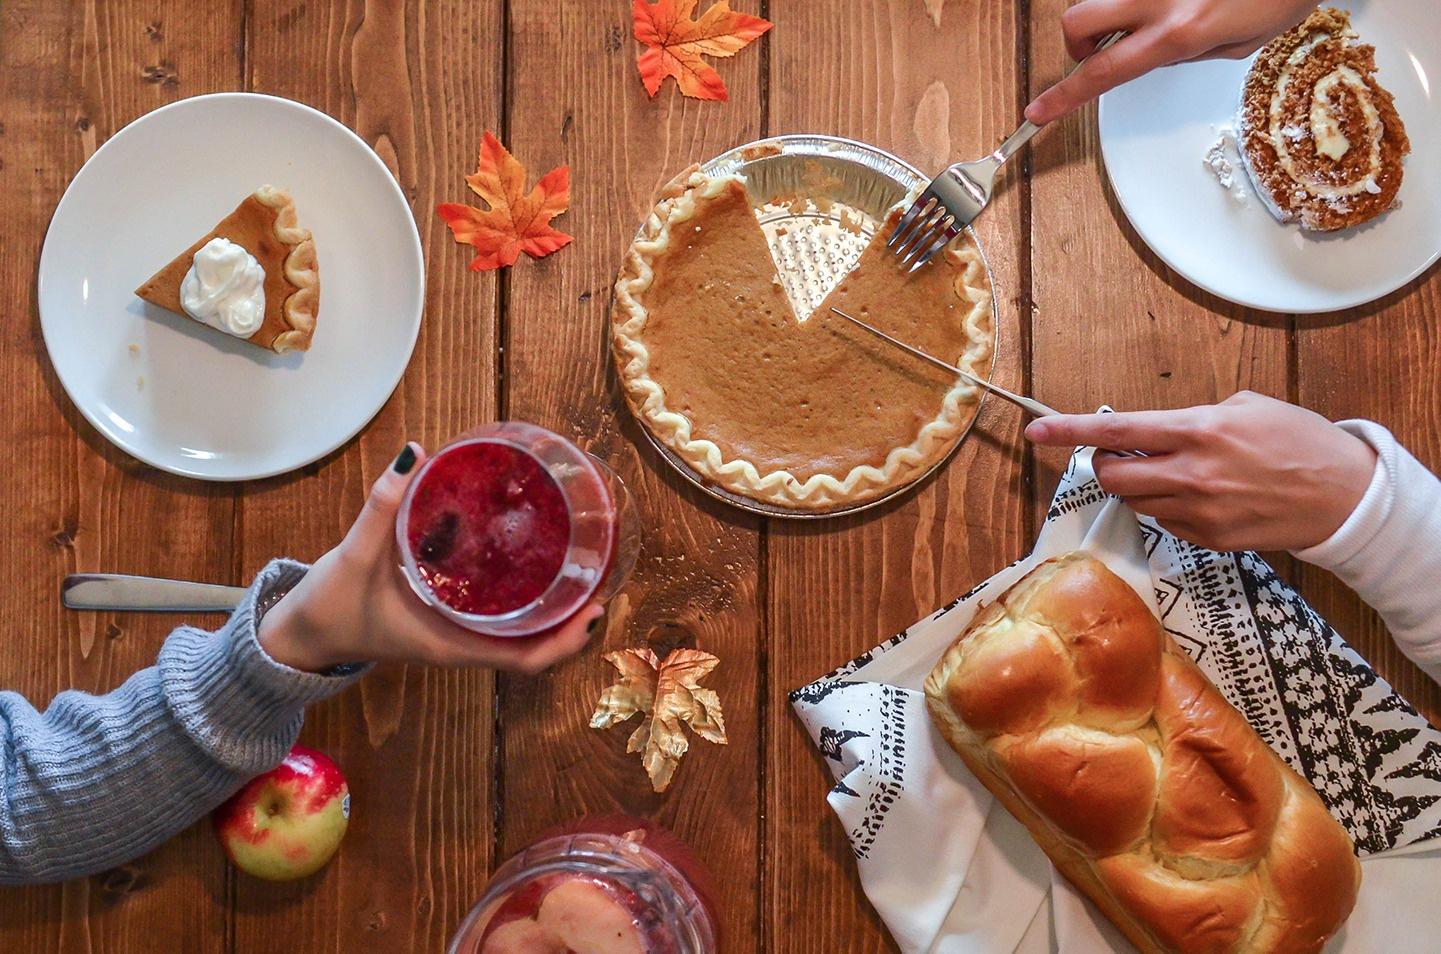 秋の味覚ランキング!カロリーを気にせず、食欲の秋を思う存分楽しむには?